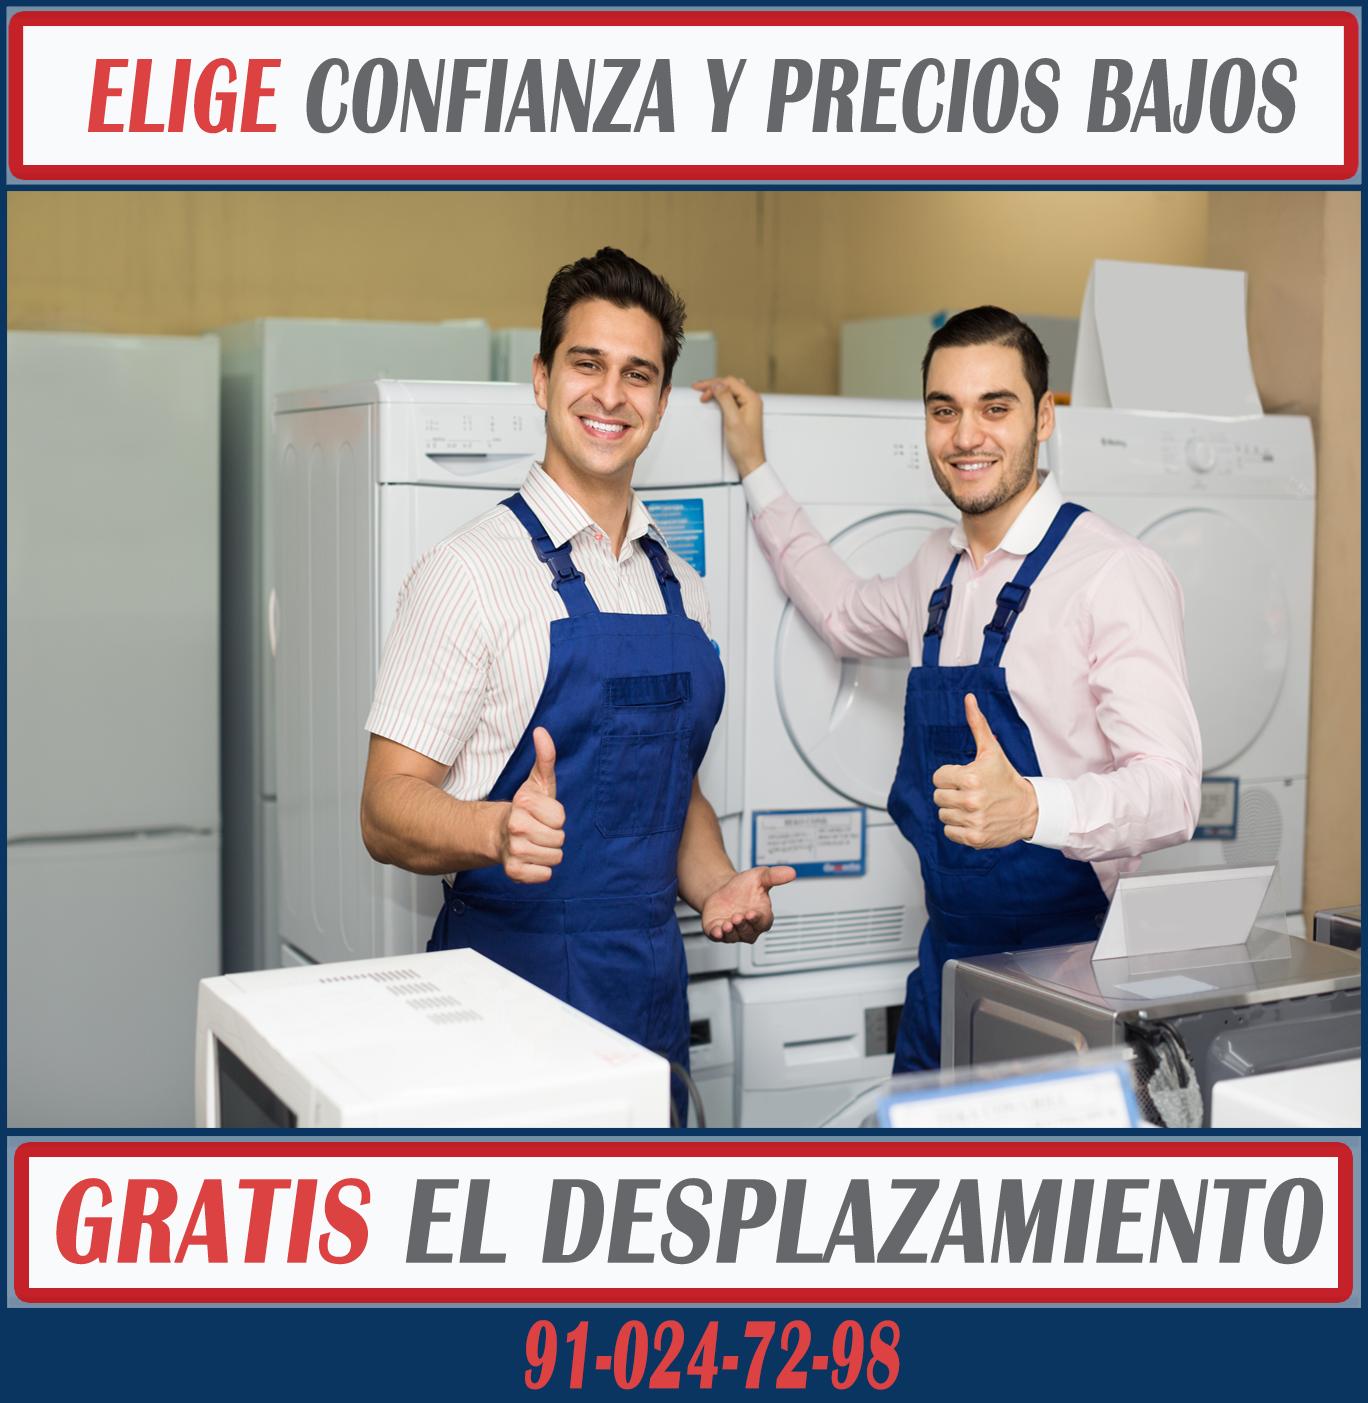 Reparación de frigoríficos Madrid